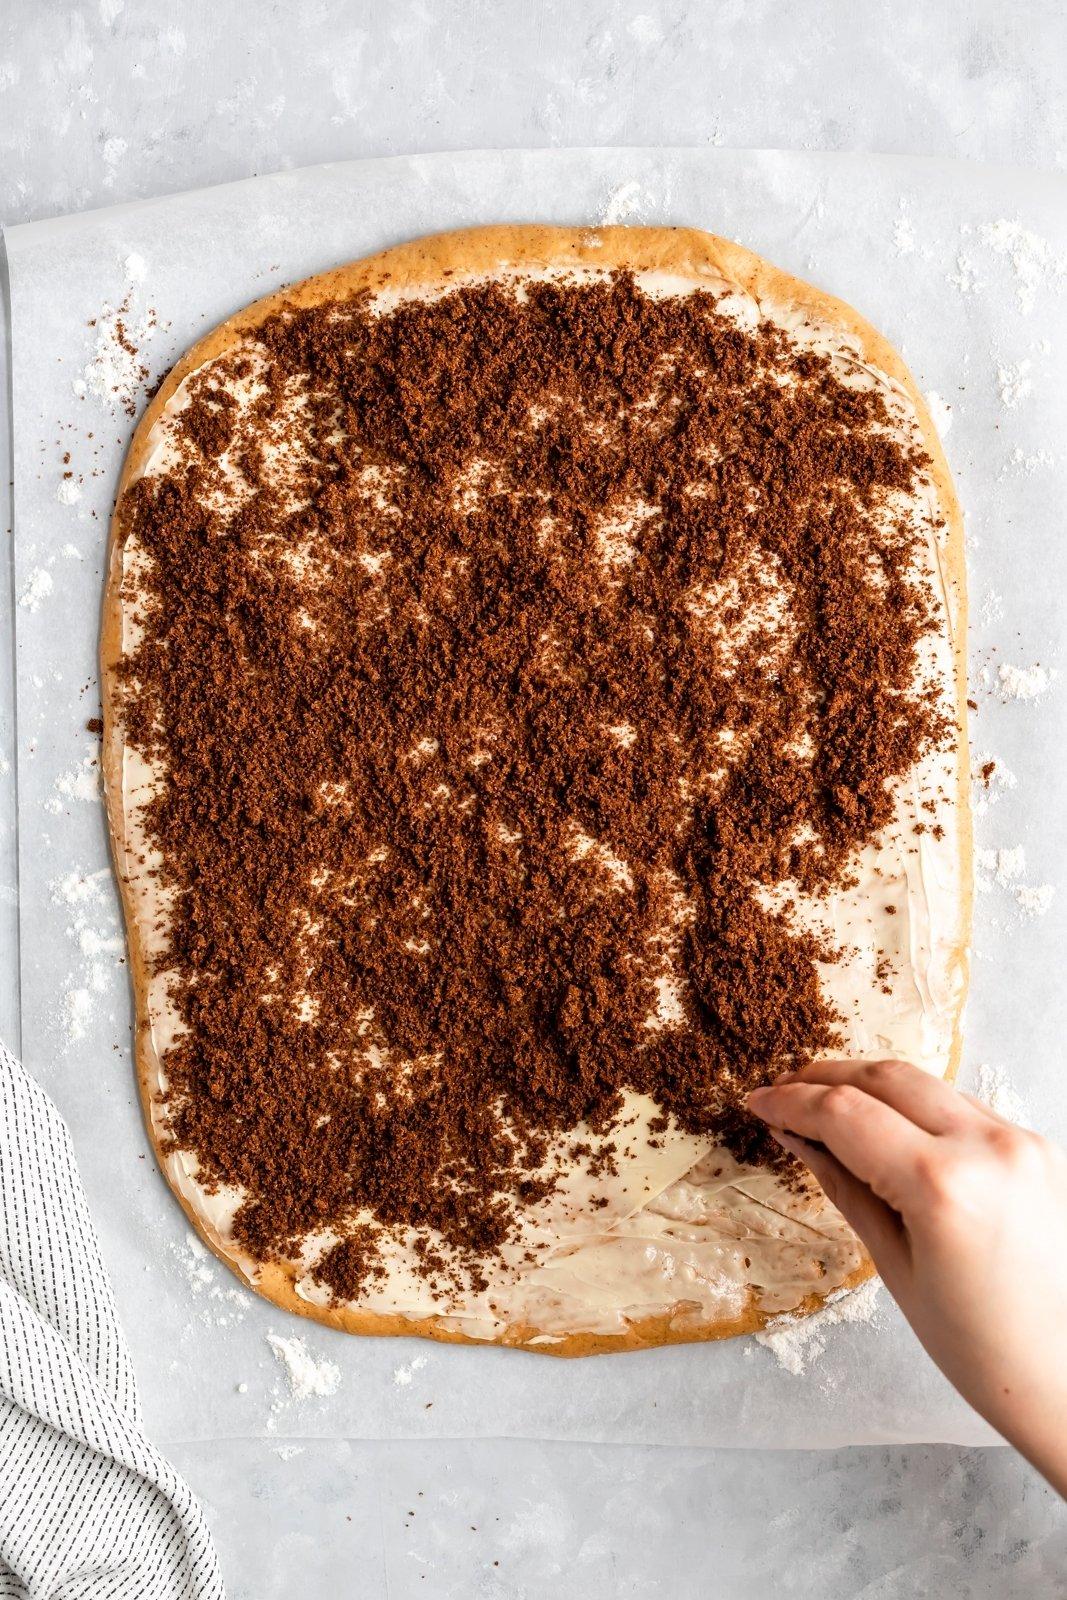 brown sugar being sprinkled on pumpkin cinnamon roll dough